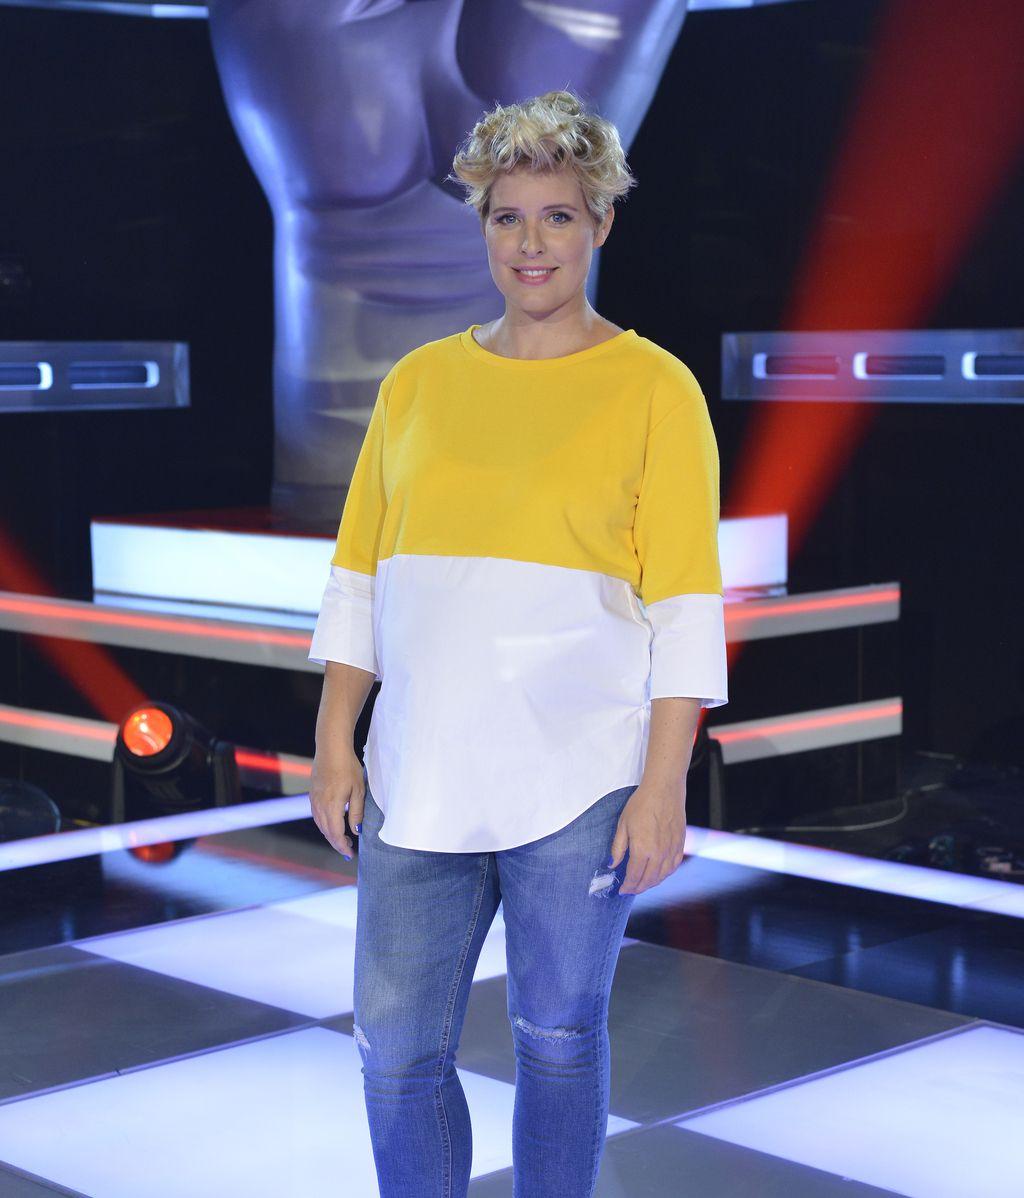 Tania Llasera, presentadora/colaboradora de los programas de Telecinco 'La voz' y 'La voz kids'